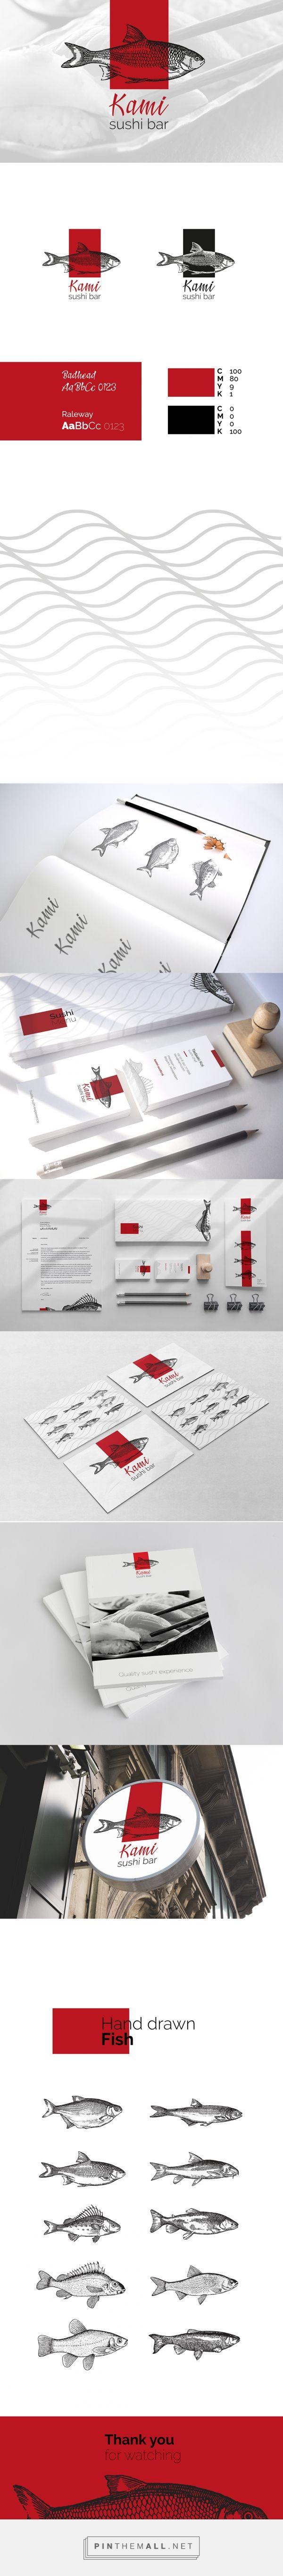 Identity / Kami Sushi Bar Branding